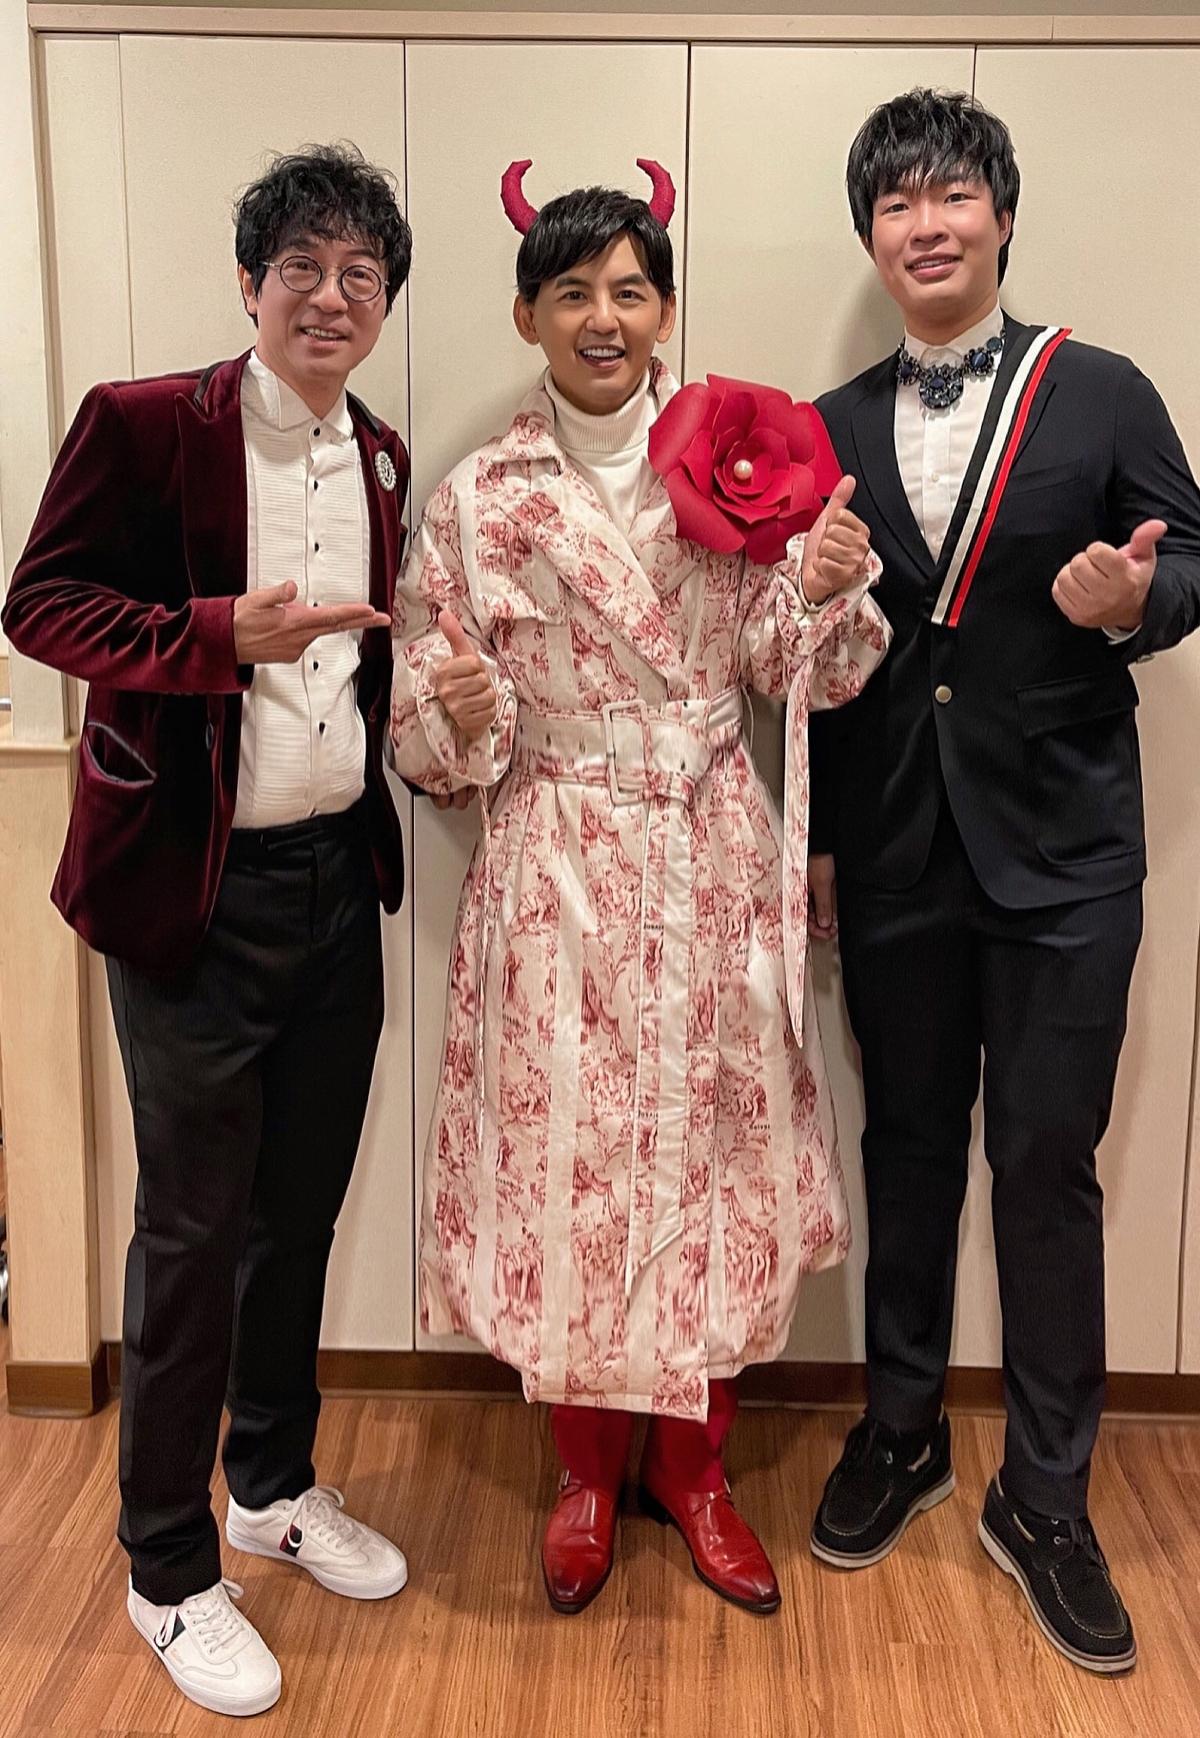 蔣榮宗得獎作世界首演  1/28跨界音樂會黃子佼力挺主持